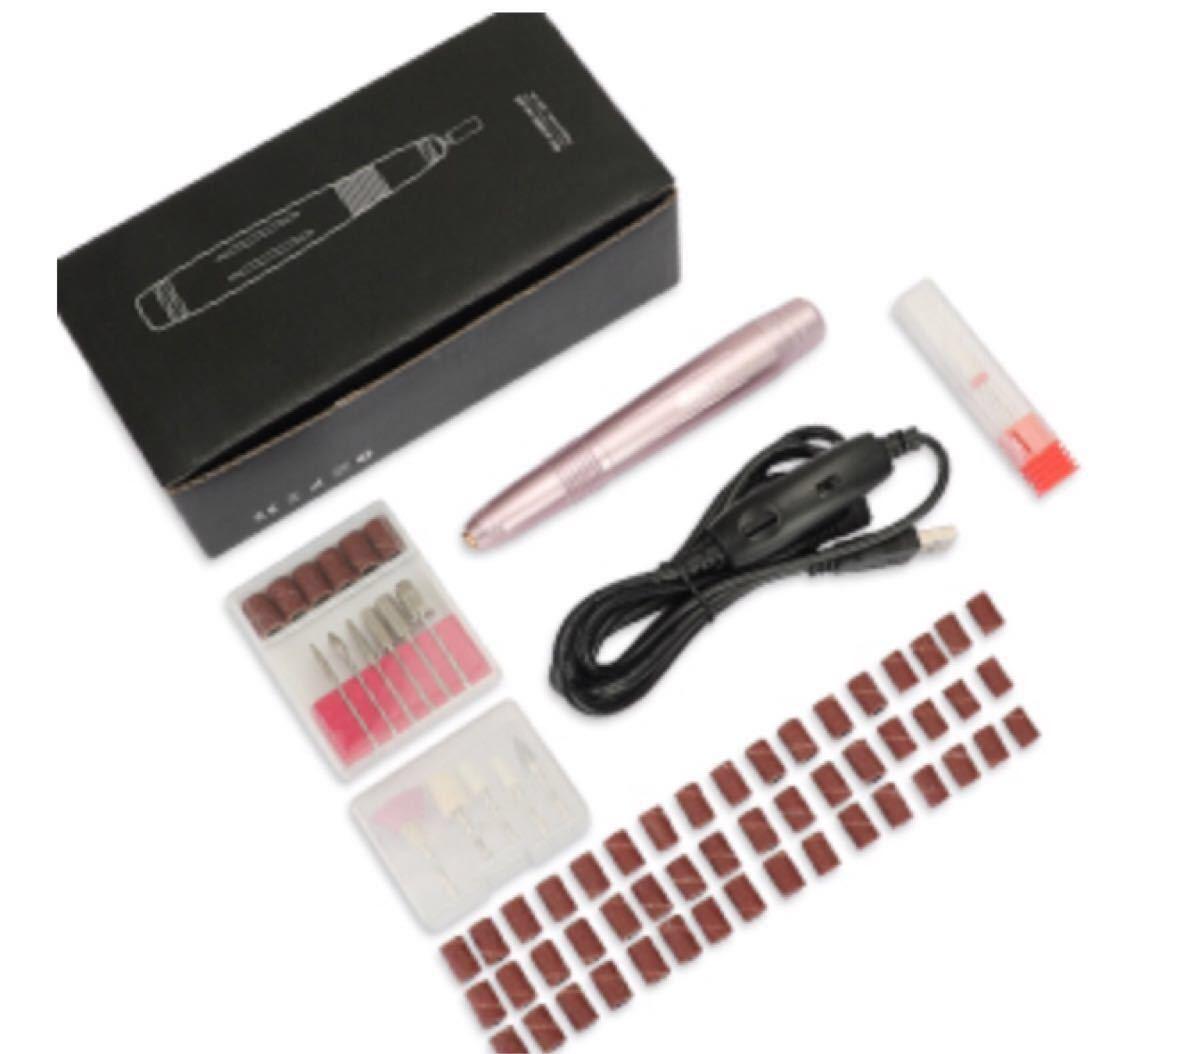 MANLI 電動ネイルケア ネイルマシン 爪切り 11in 1ネイルケアセット